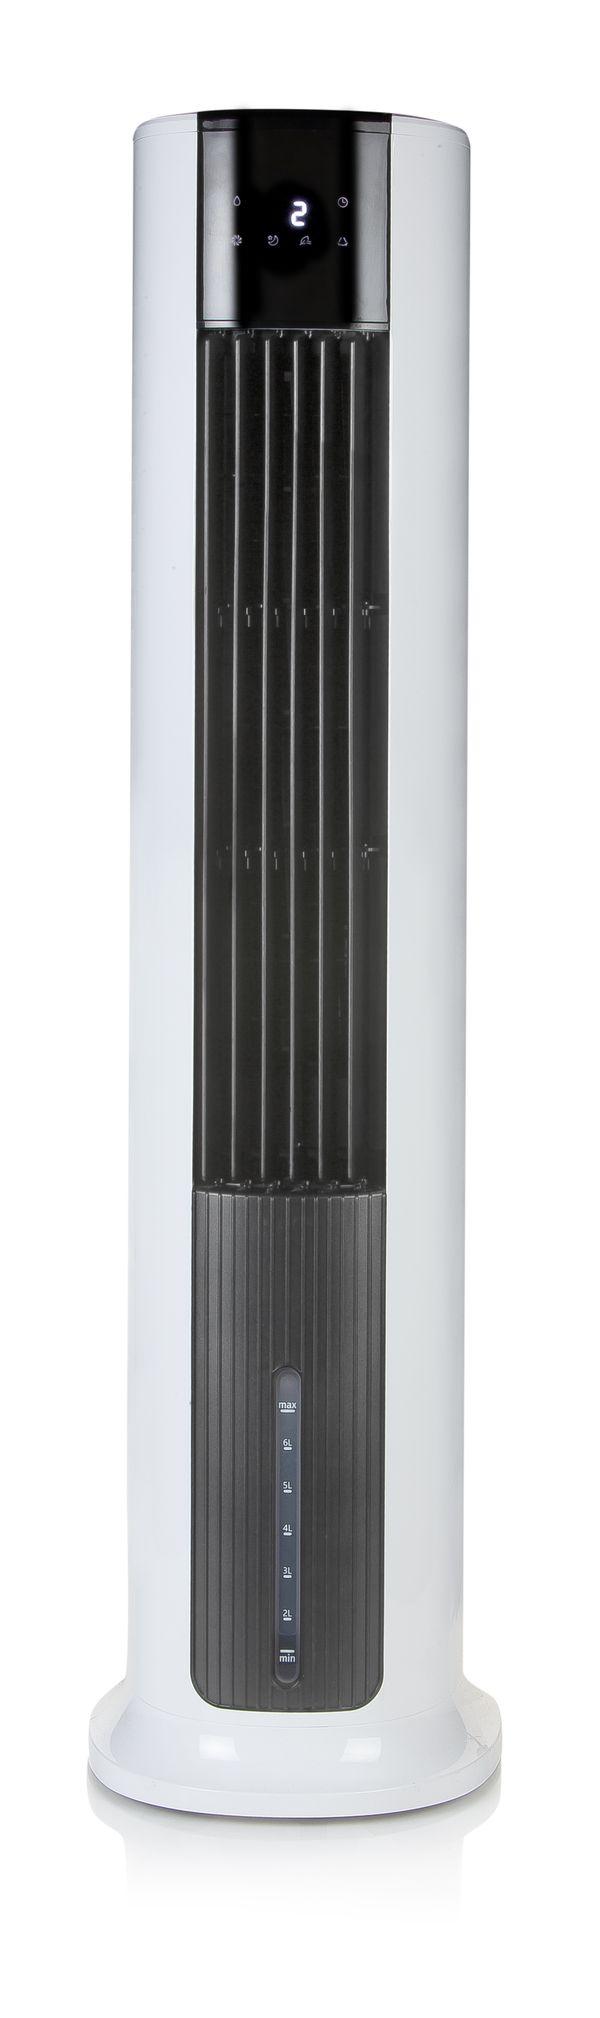 Mobilní ochlazovač vzduchu - DOMO DO157A, 7 l